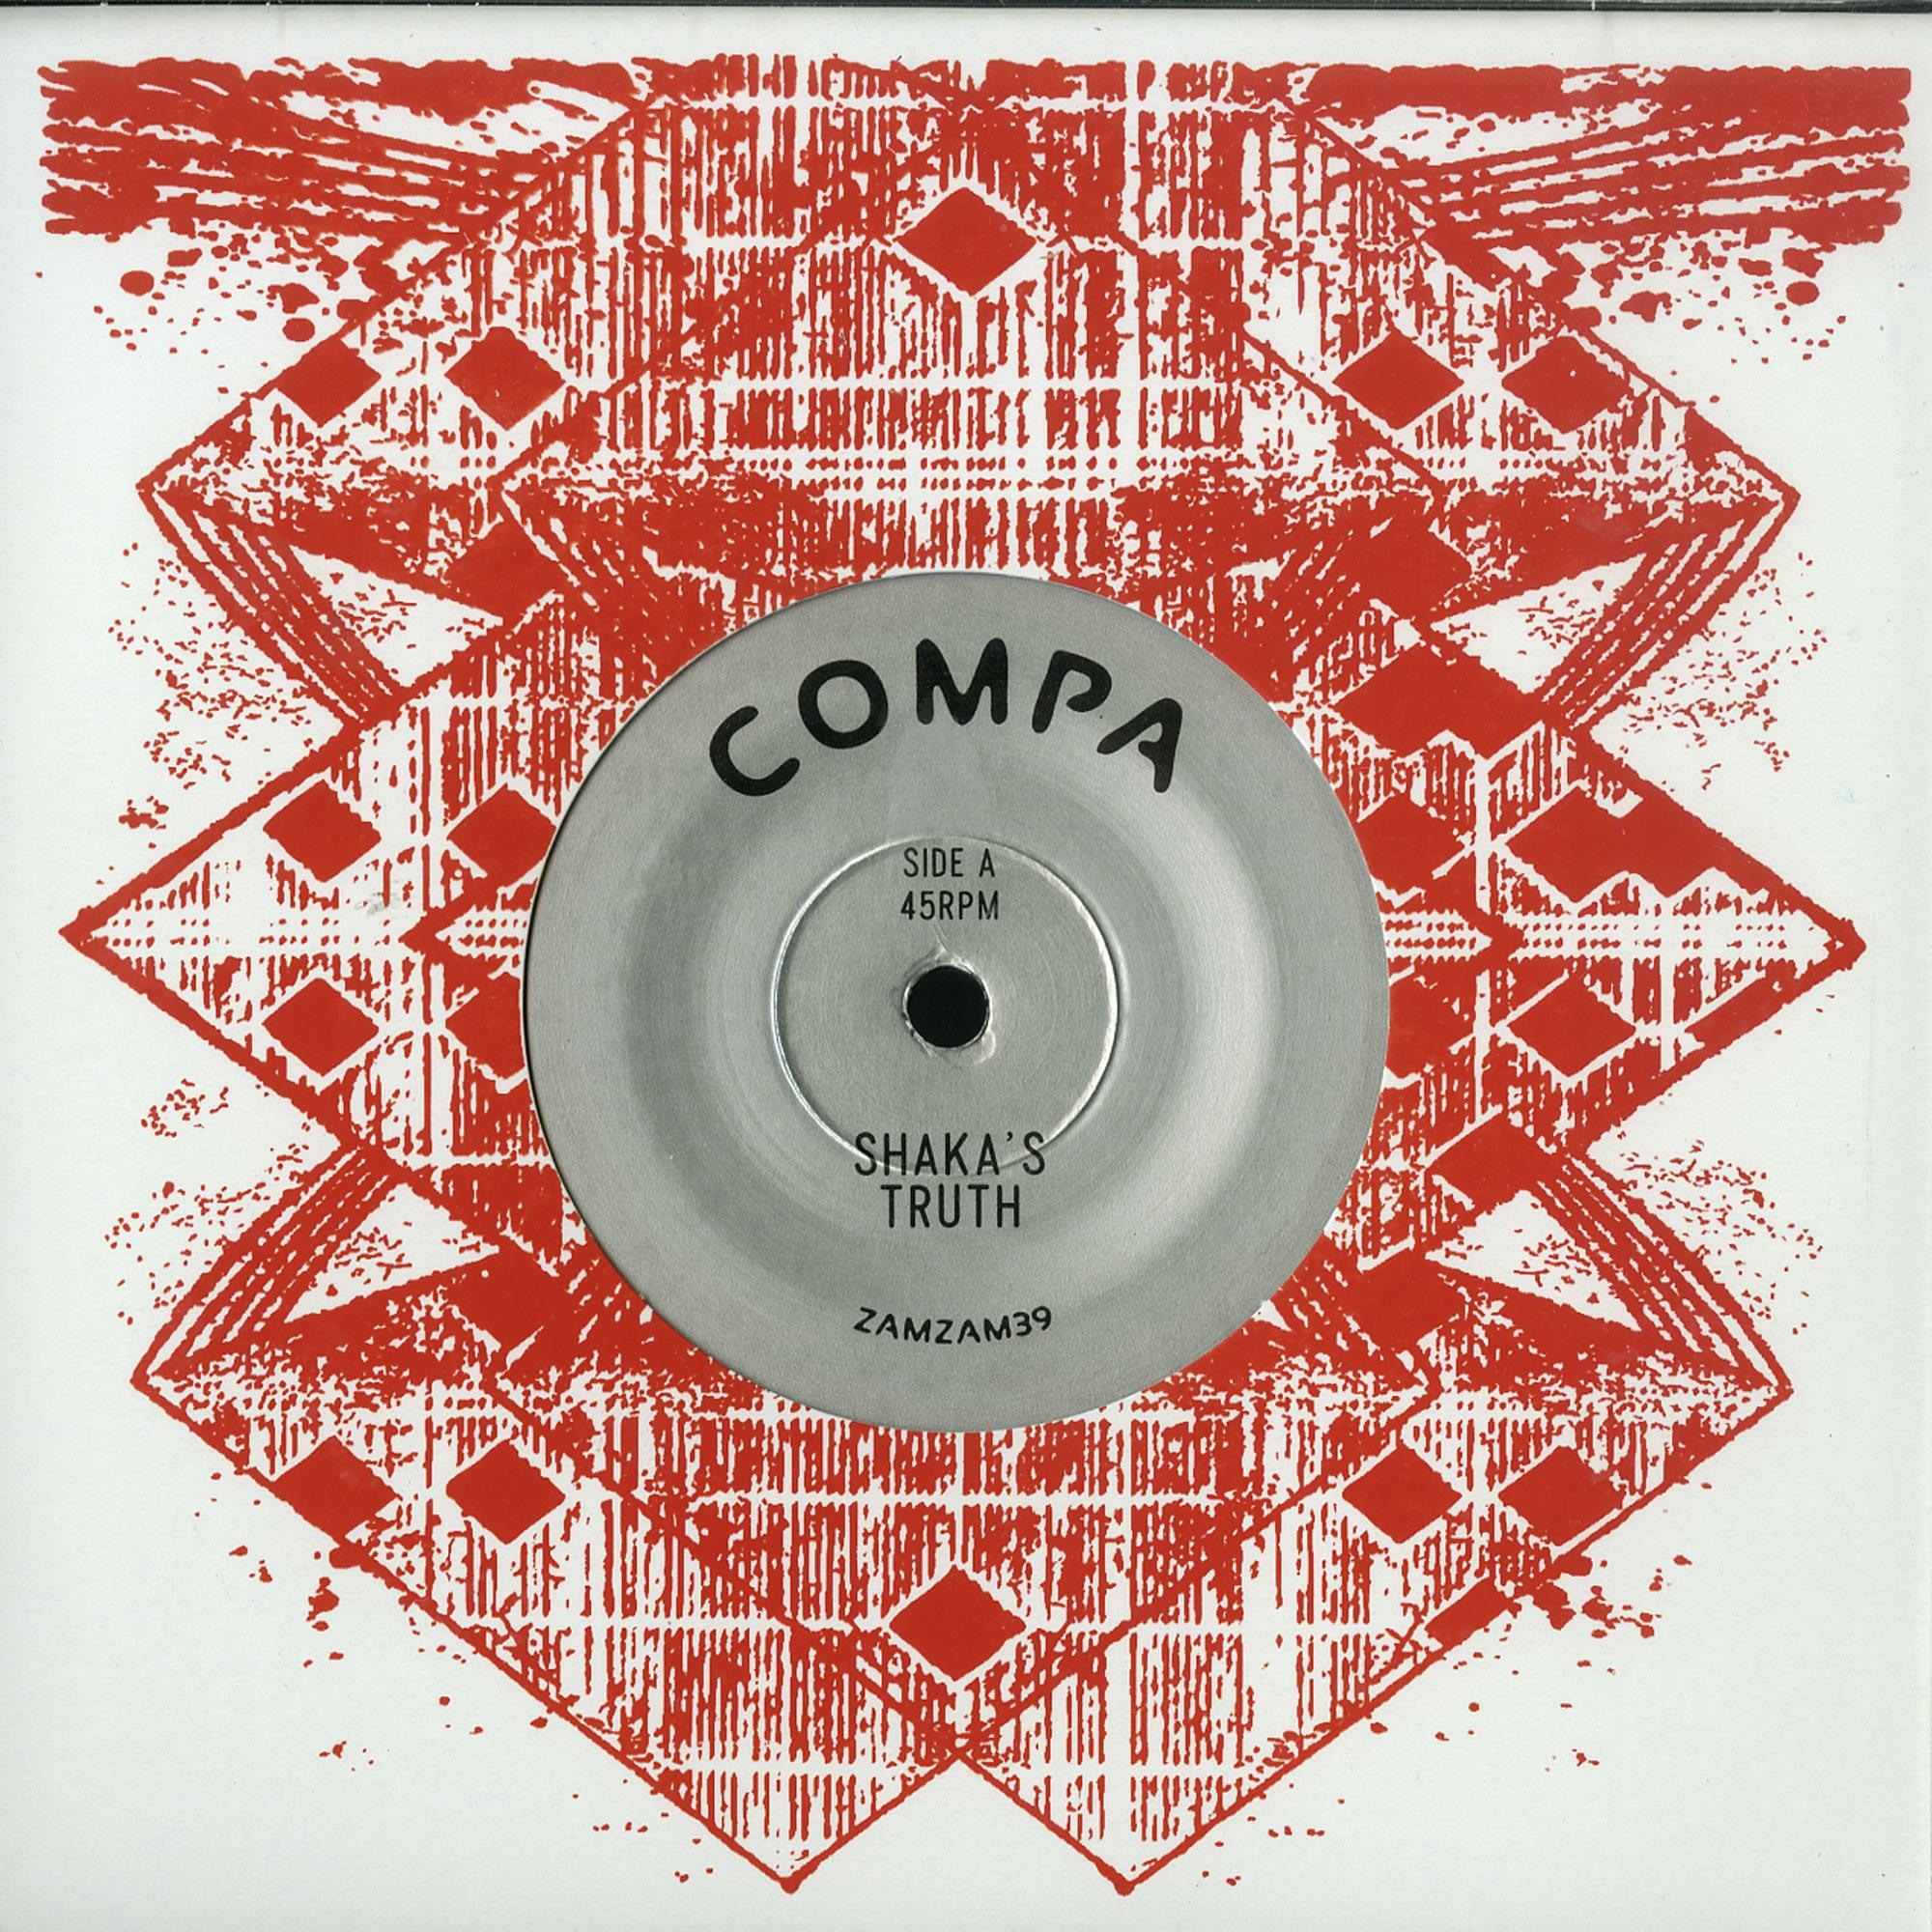 Compa - SHAKAS TRUTH / ATHA DUB